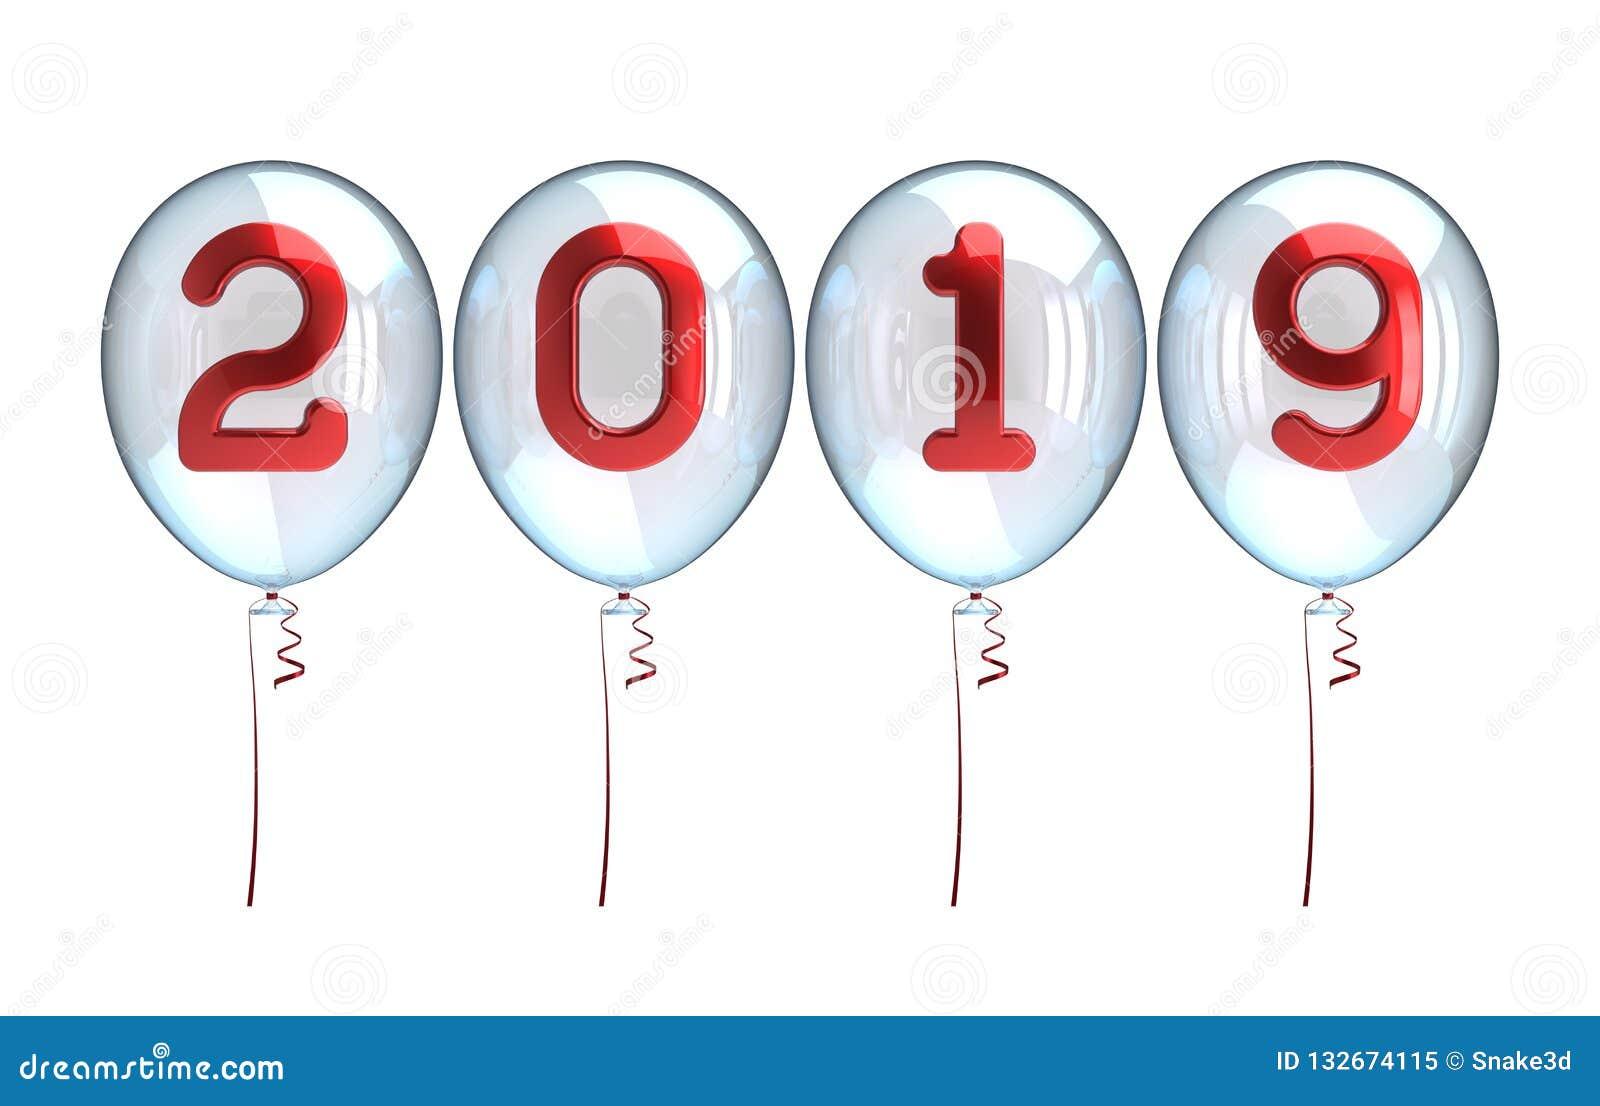 Nieuwjaar 2019 ballons witte doorzichtige glanzende rode aantallen